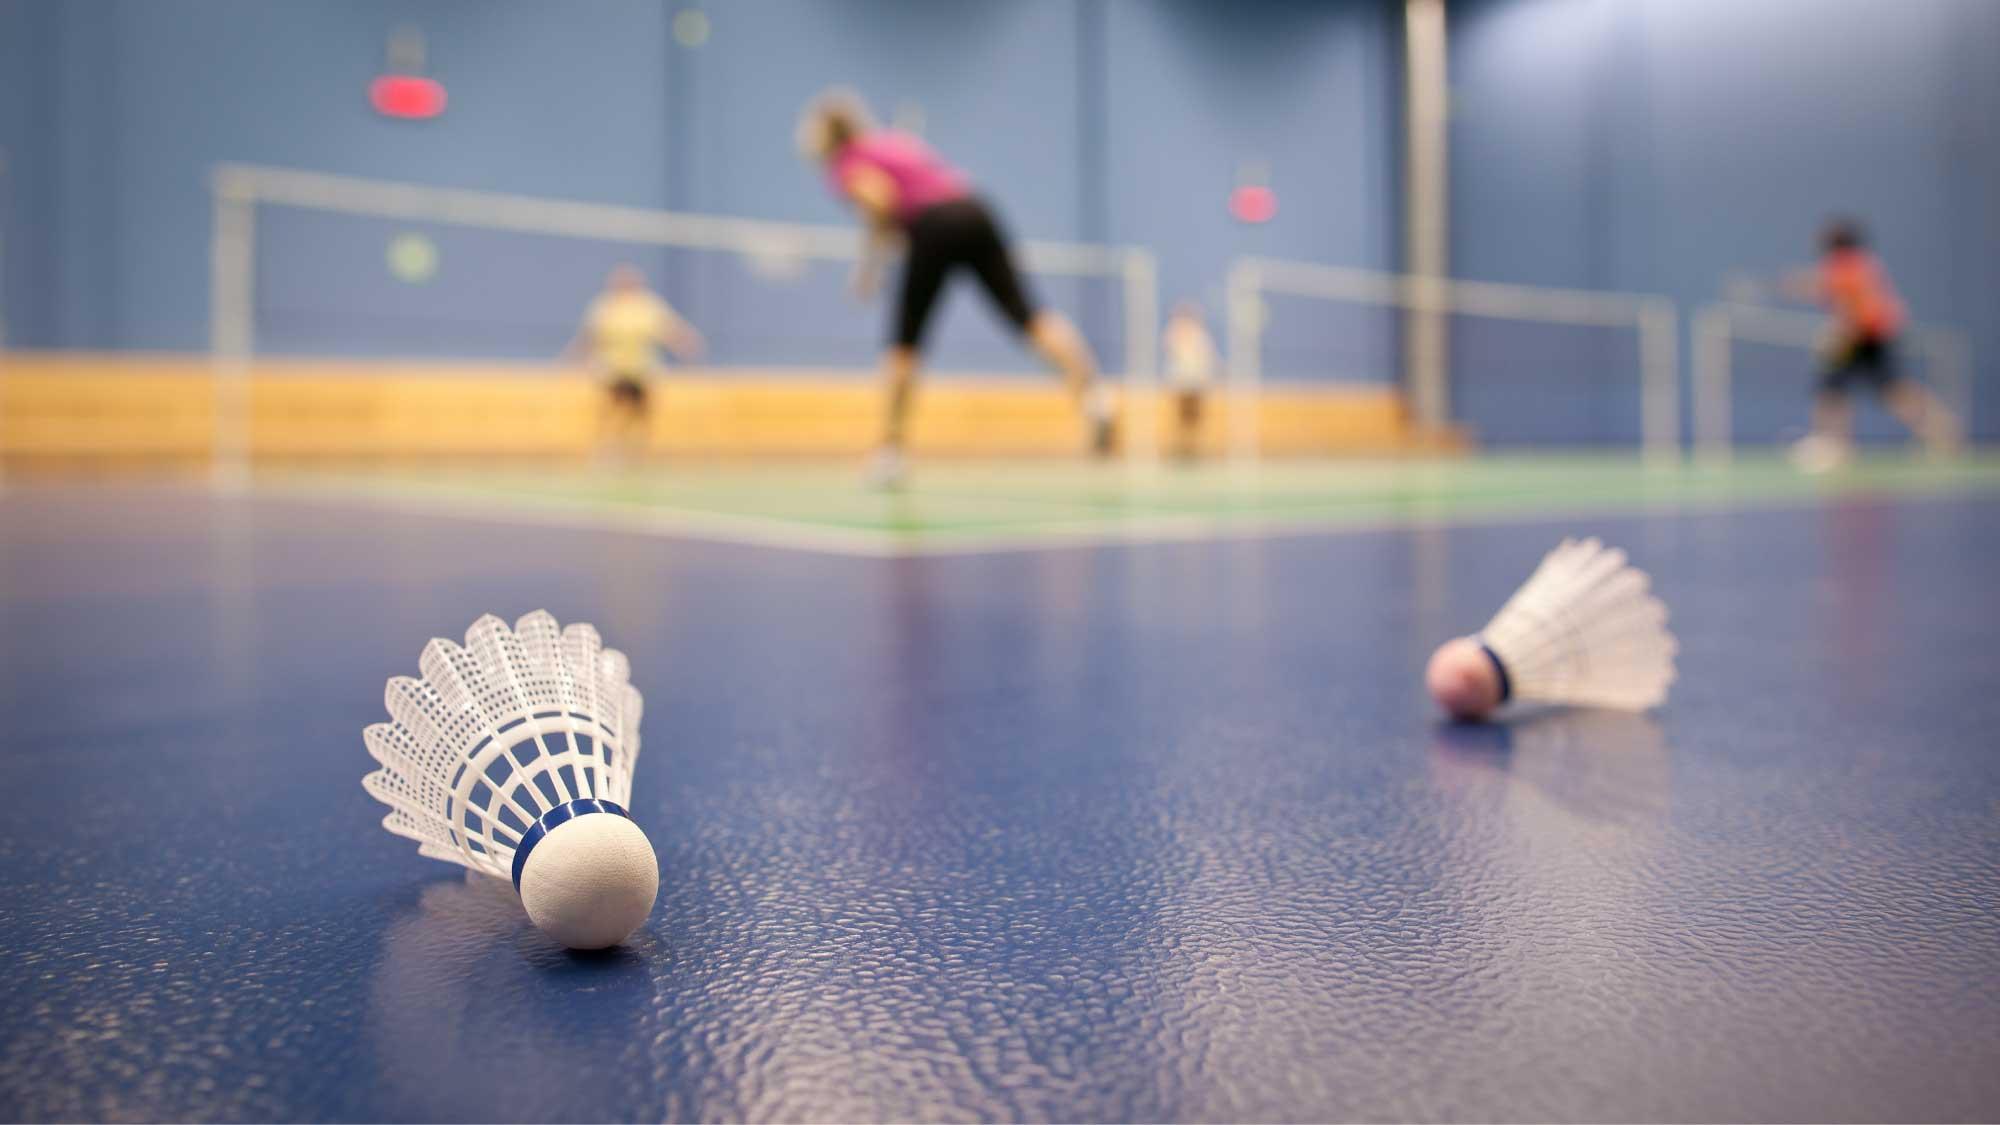 Badminton Iid worden